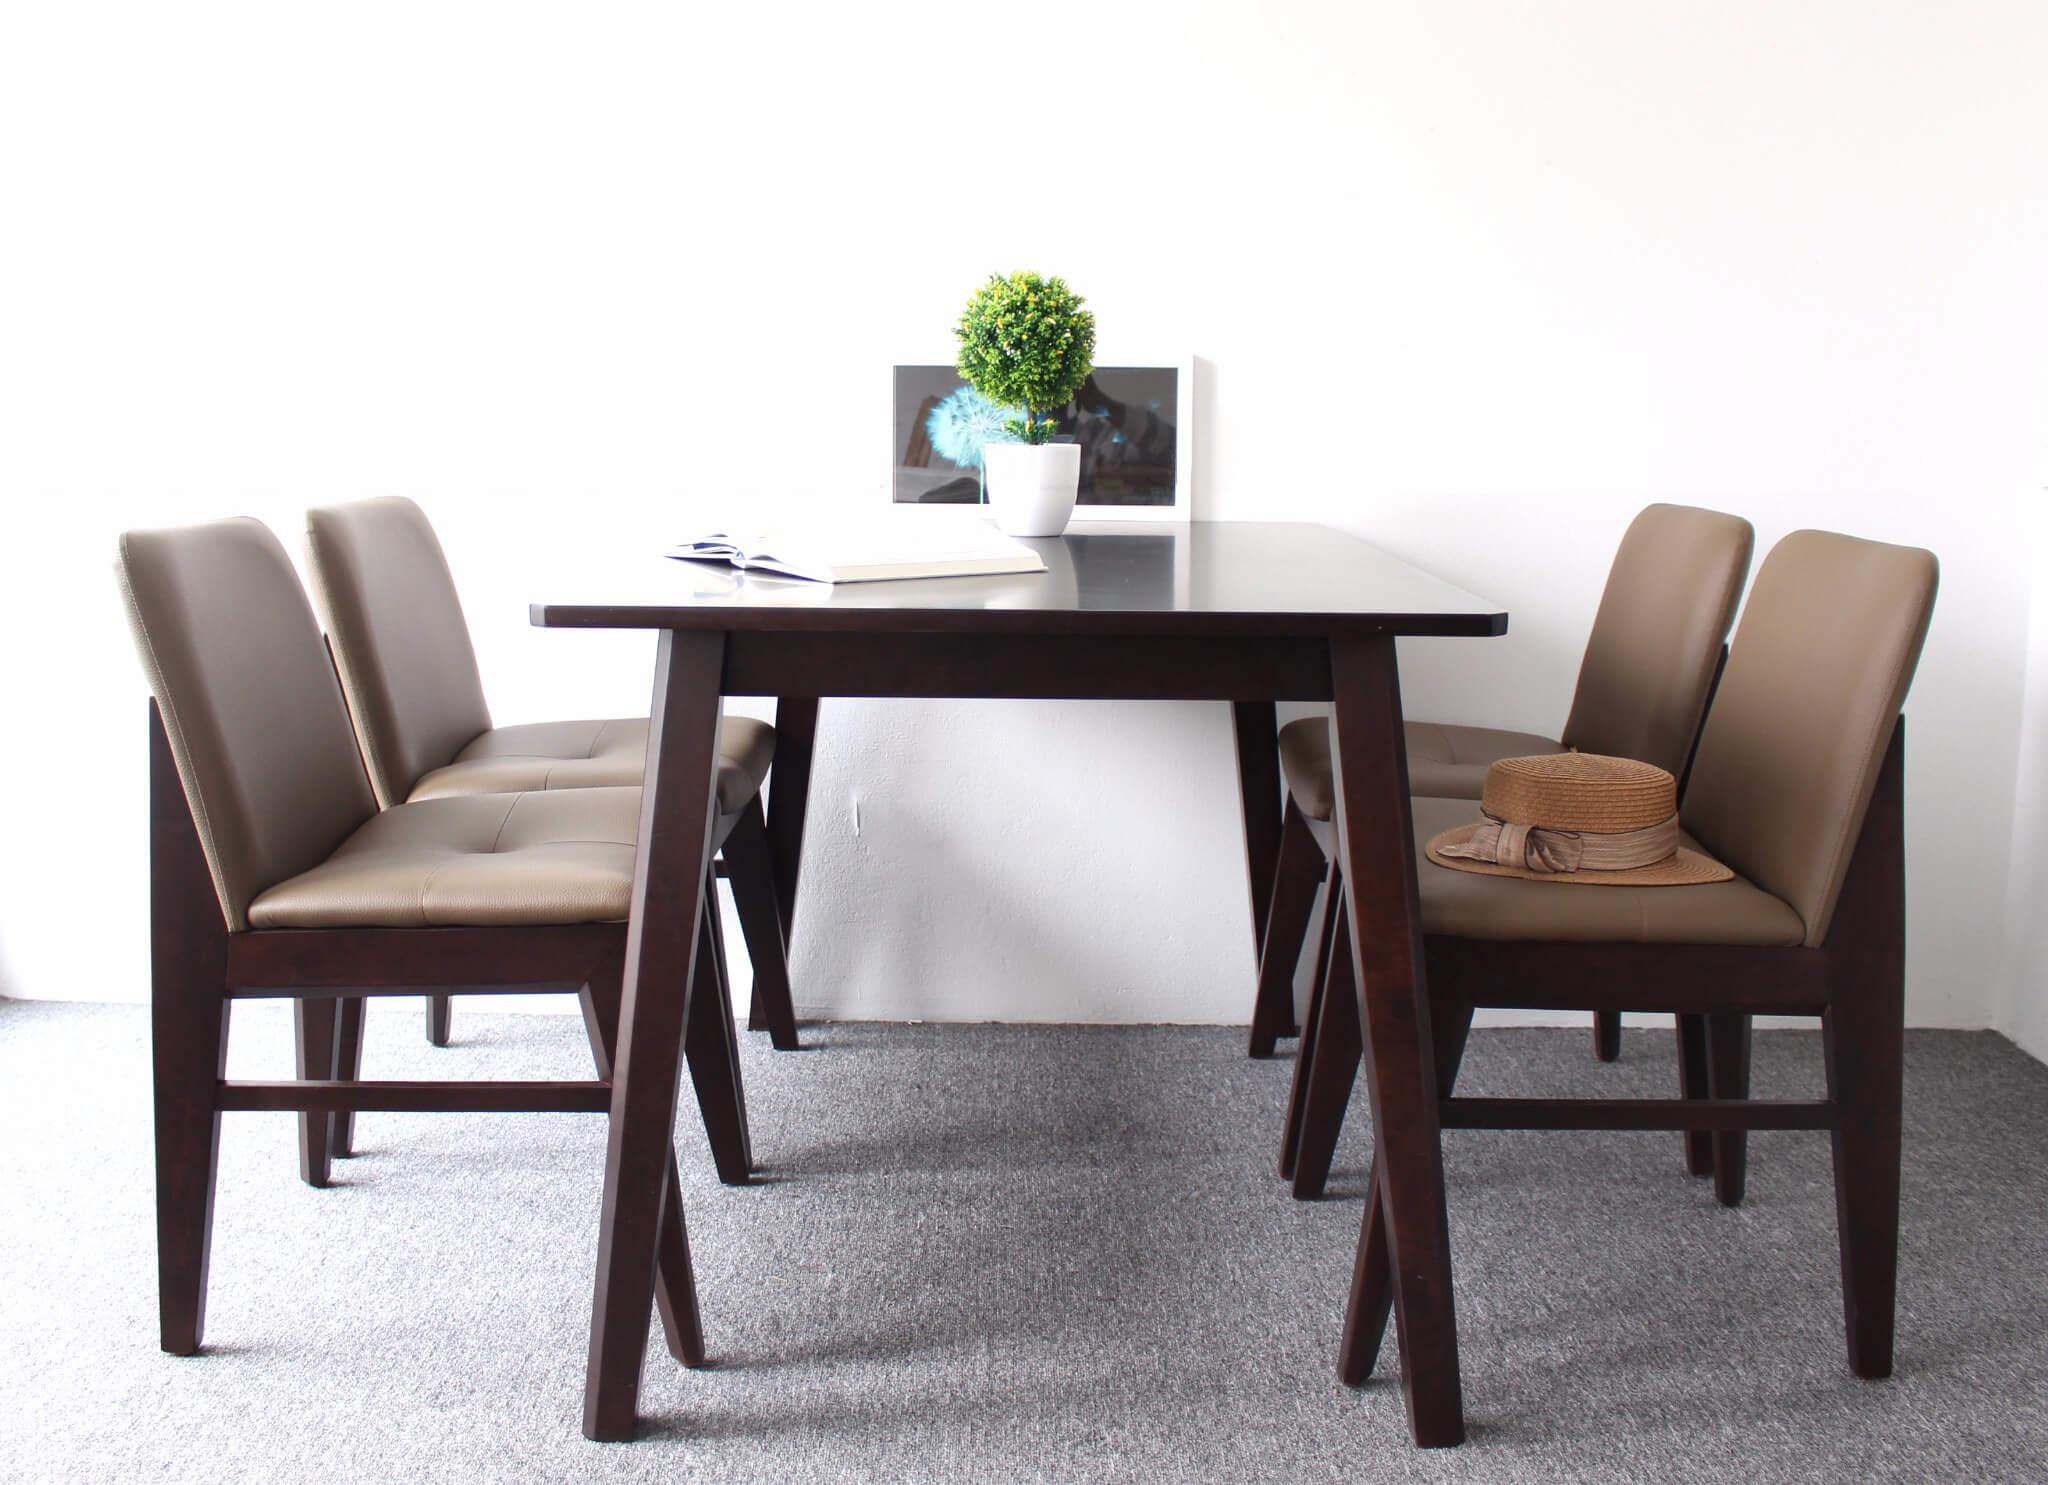 Tư vấn thiết kế nội thất căn hộ chung cư với diện tích (83m²) - Ảnh 9.